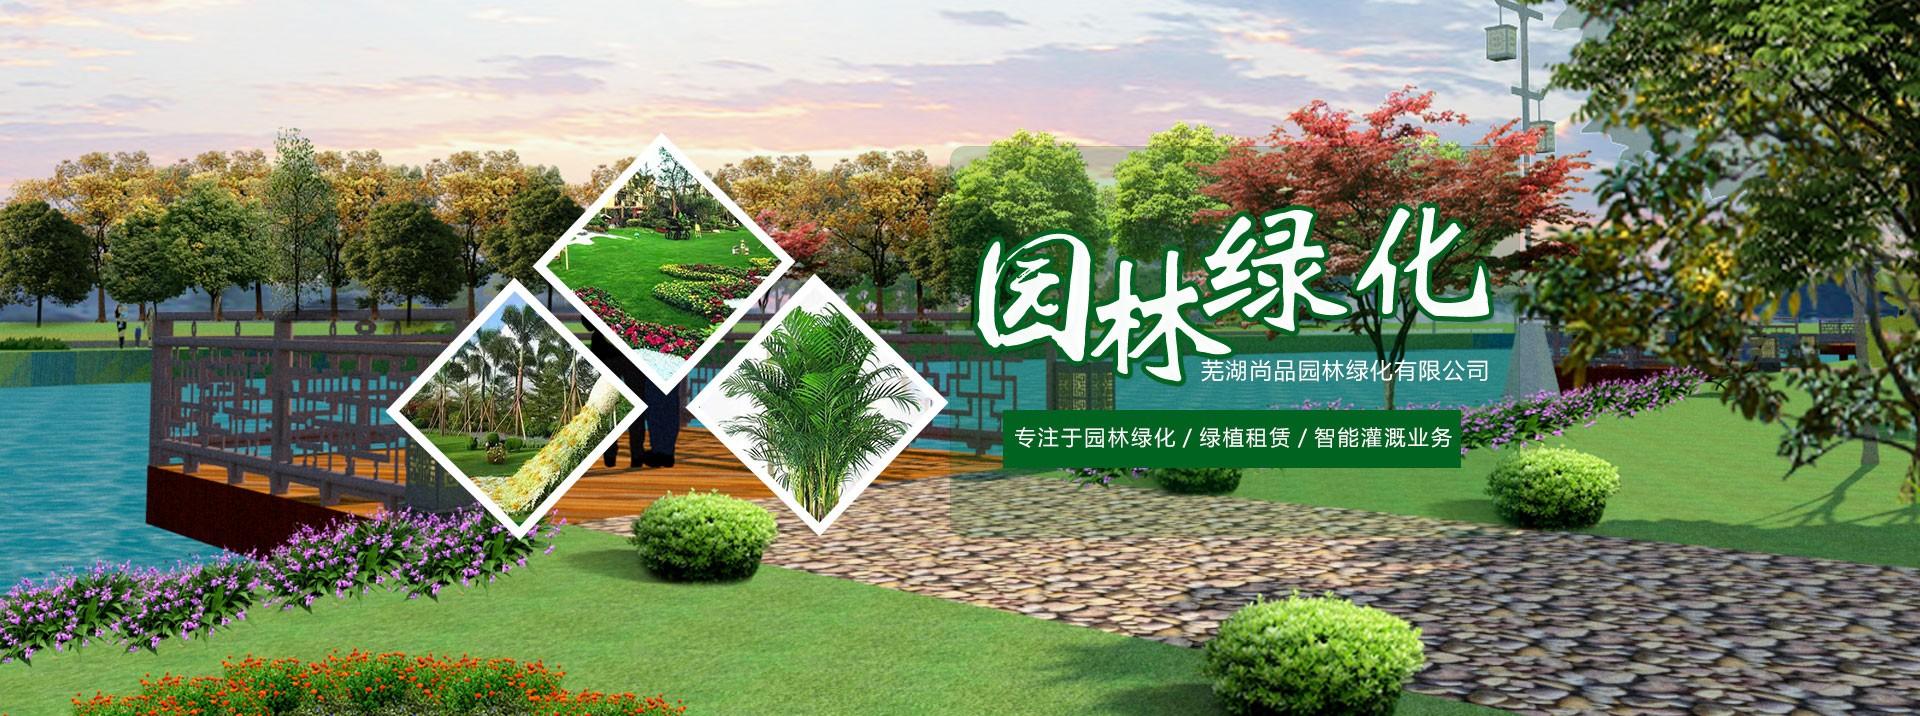 主营园林绿化、绿植租赁、智能灌溉